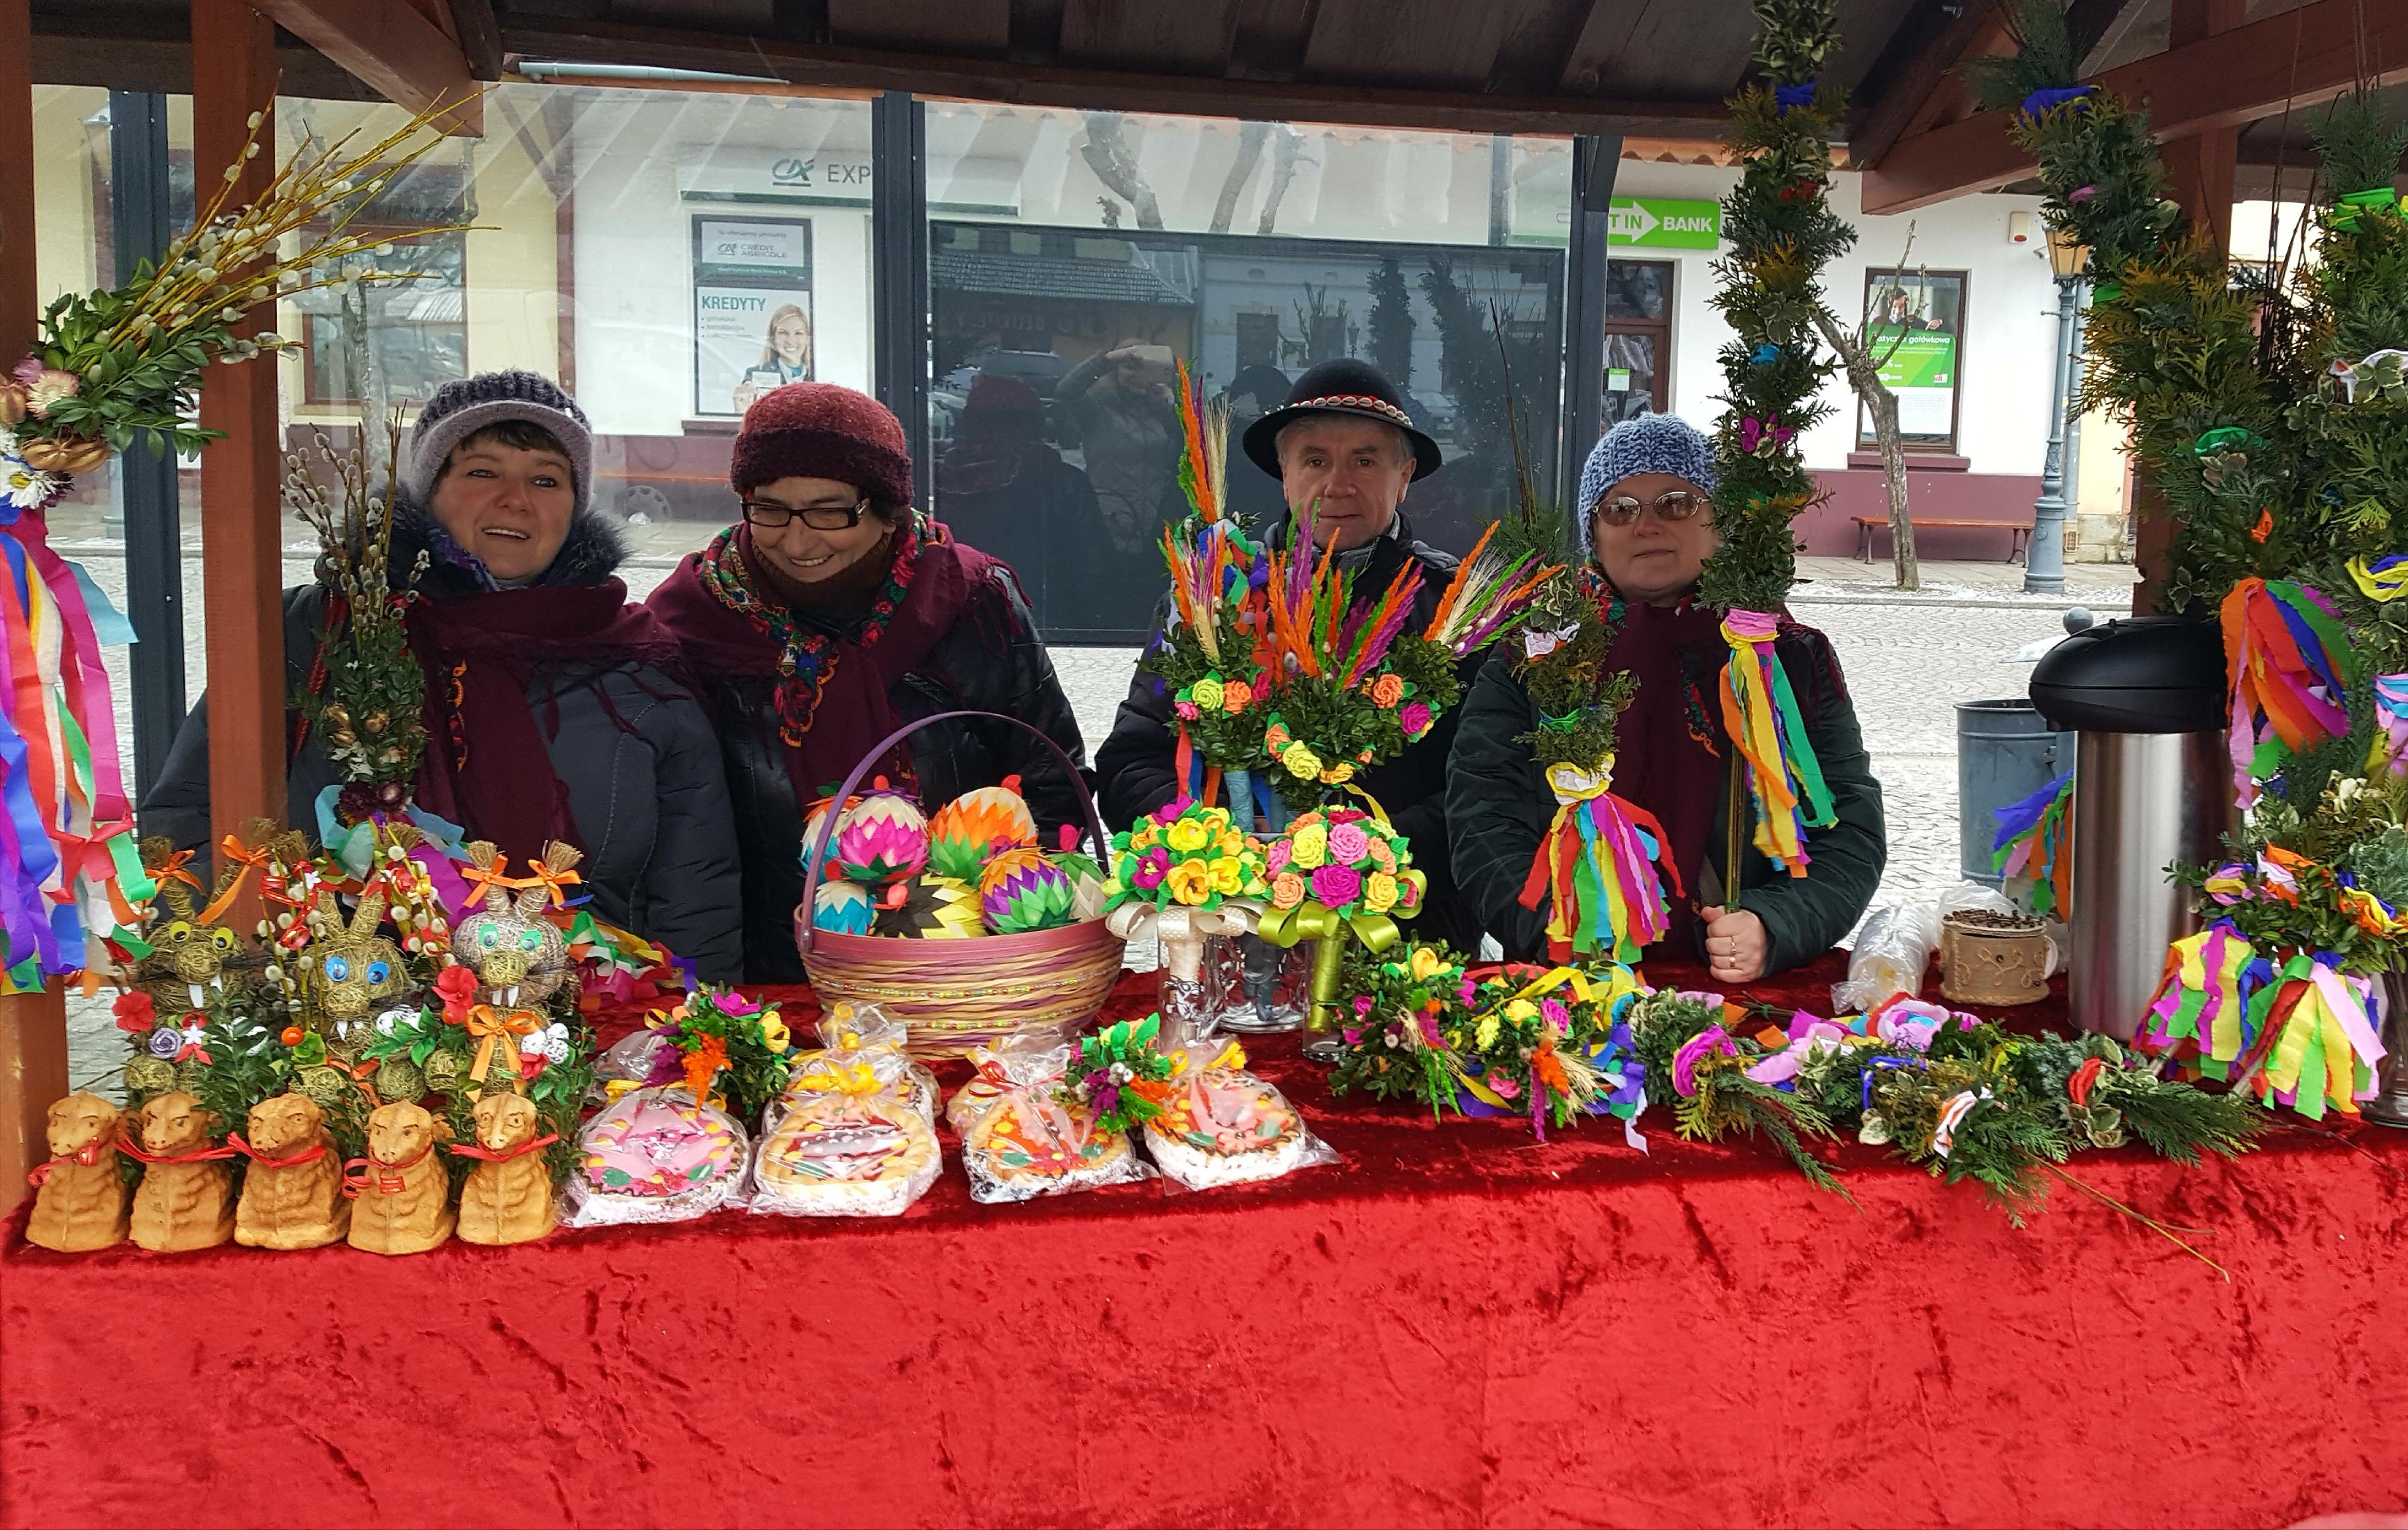 II Kiermasz Wielkanocny - 17.03.2018 Rynek Stary Sącz